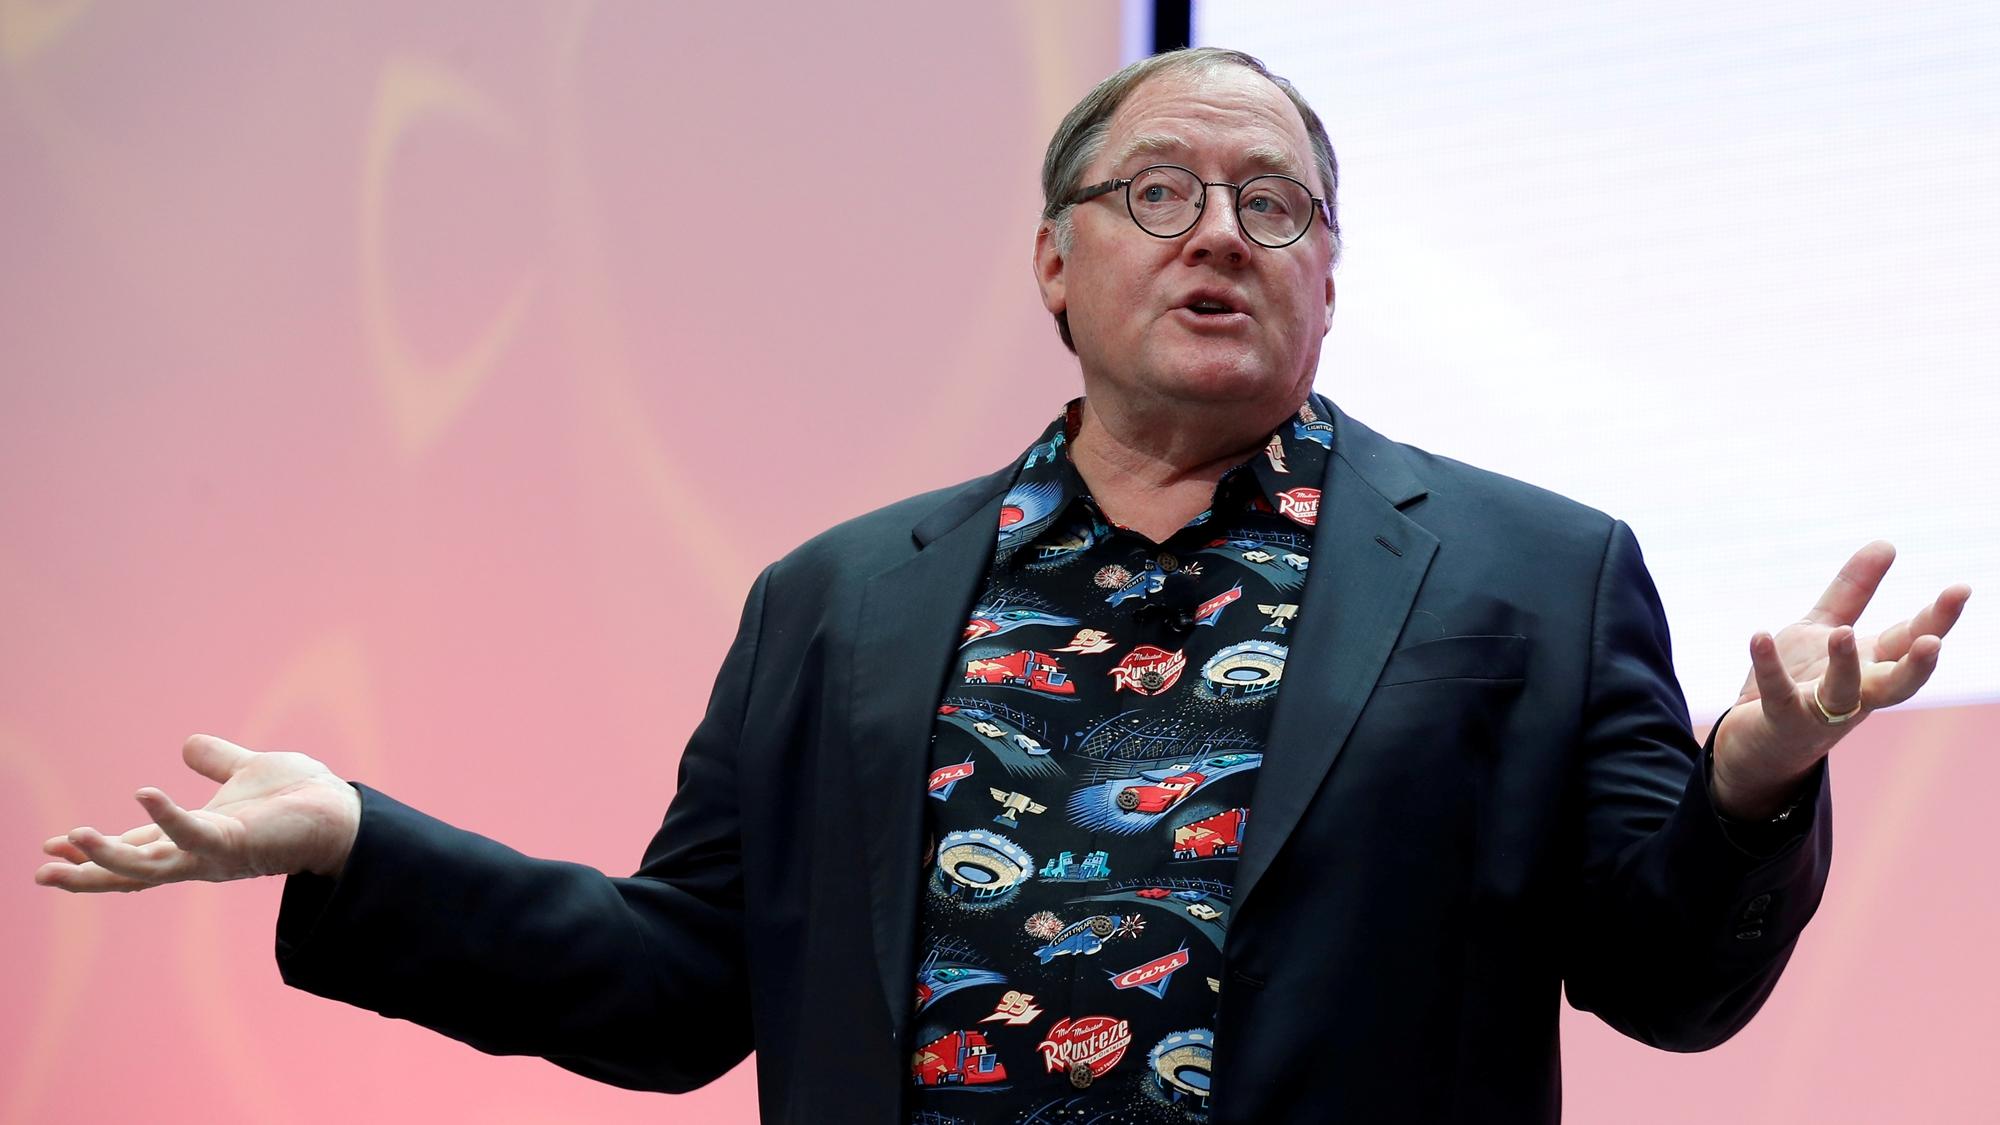 Lasseter toma licencia en Pixar y Disney por gestos inapropiados